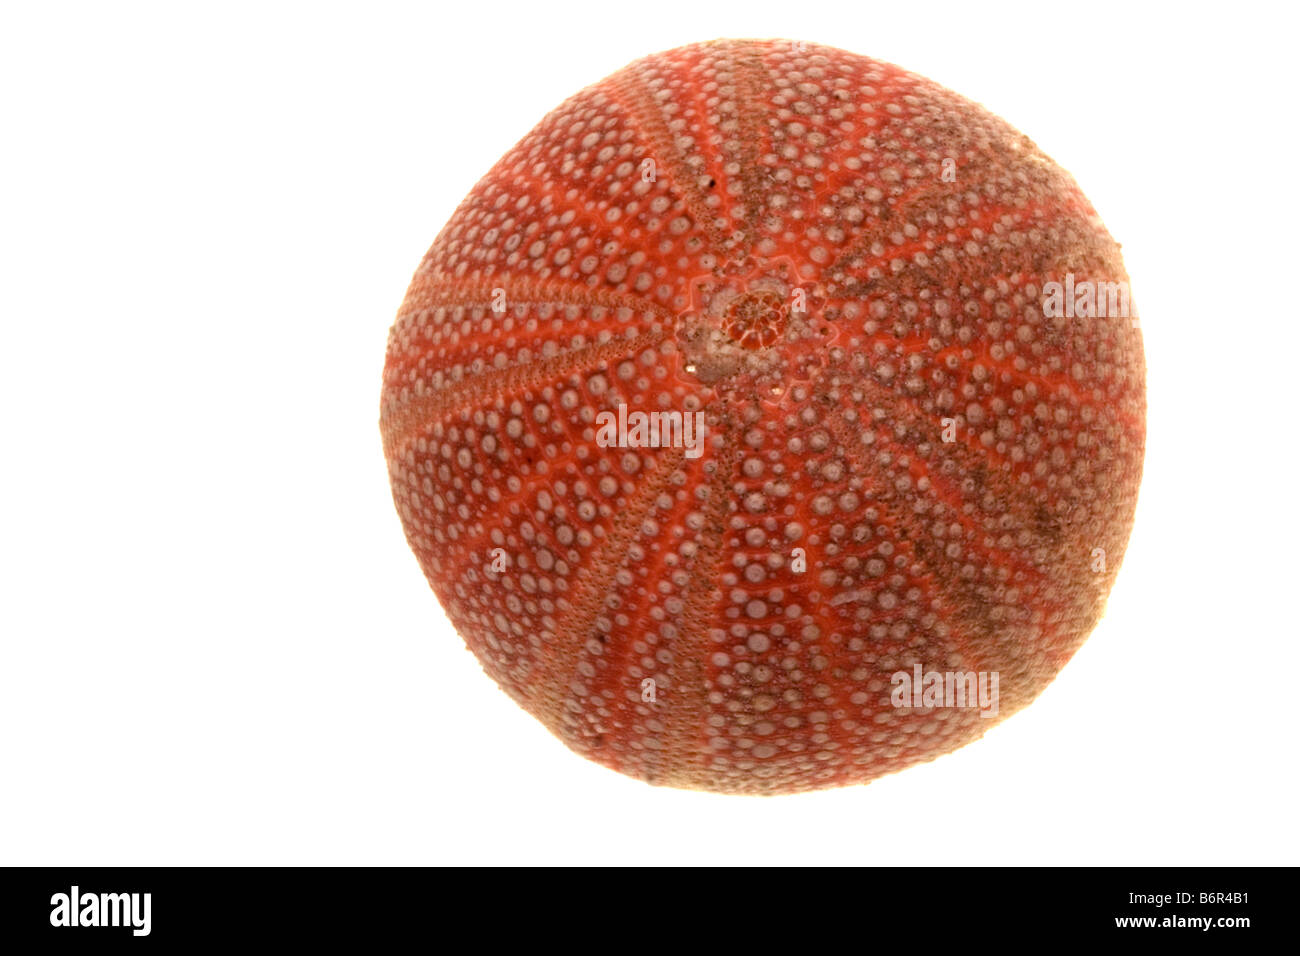 Sea Urchin Echinus esculentis - Stock Image